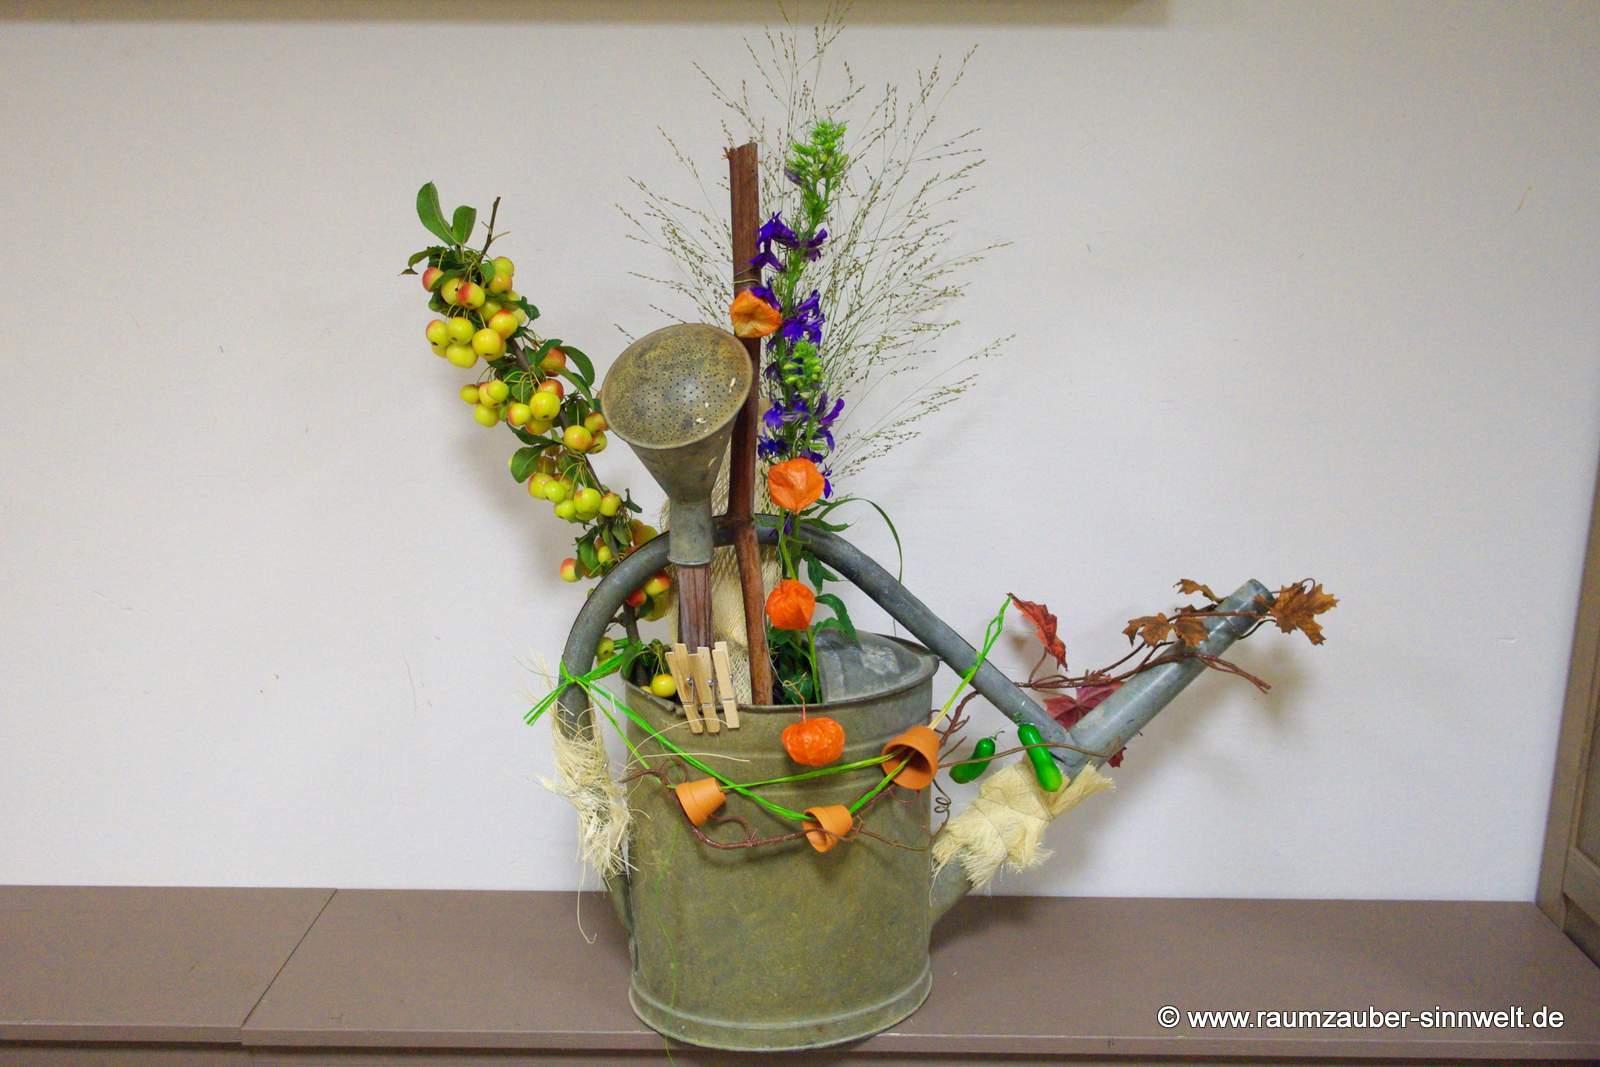 floral dekorierte Blechgiesskanne